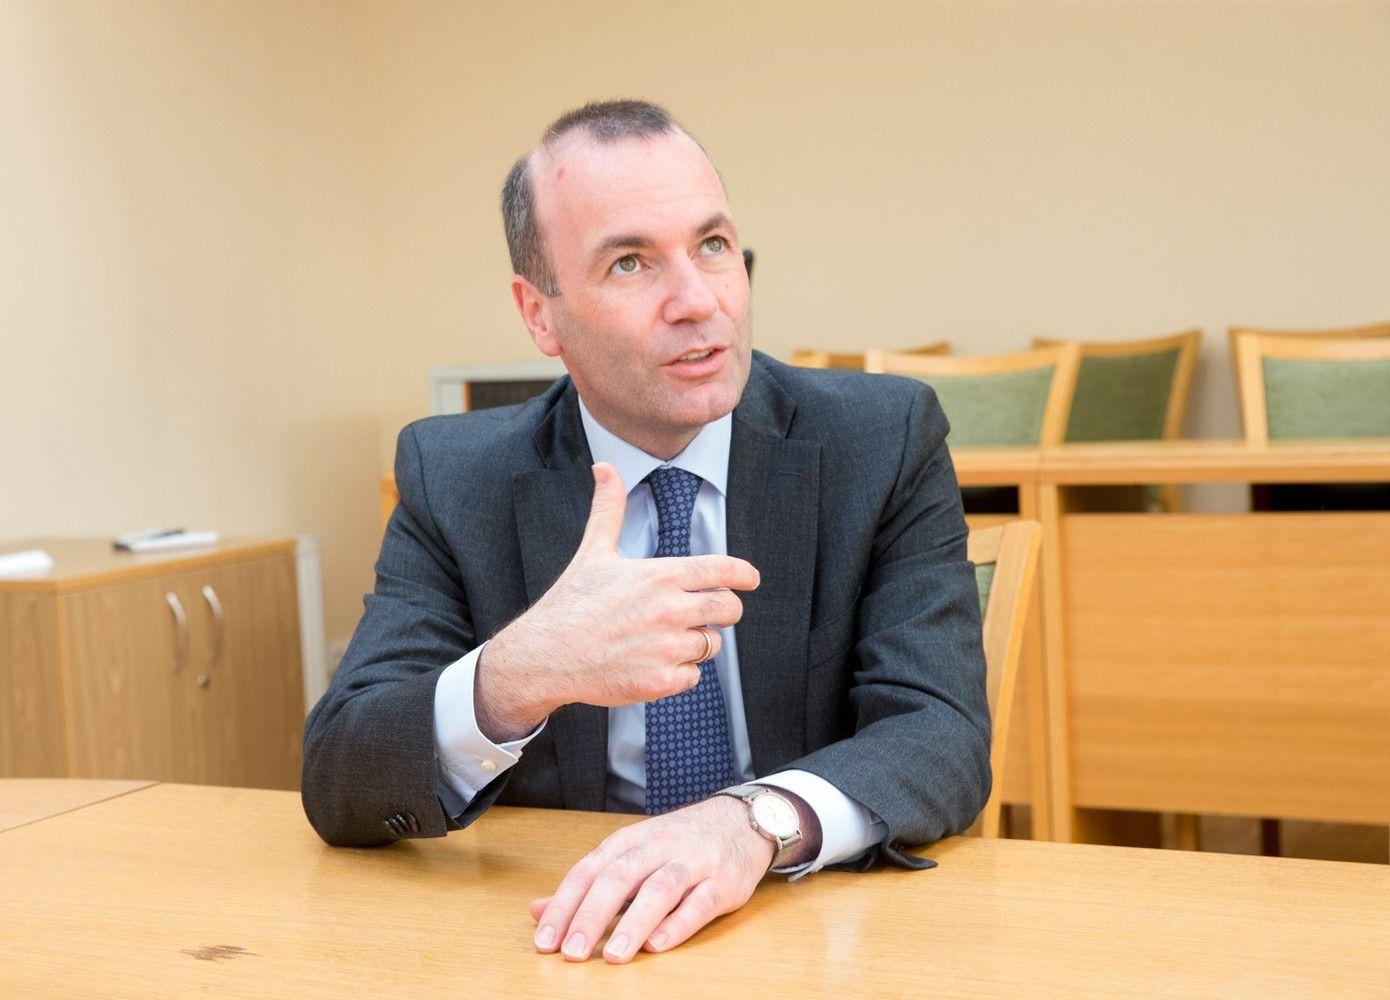 Didžiausios Europos Parlamento frakcijos vadovas: ES biudžetas darbus keičiamas iš esmės